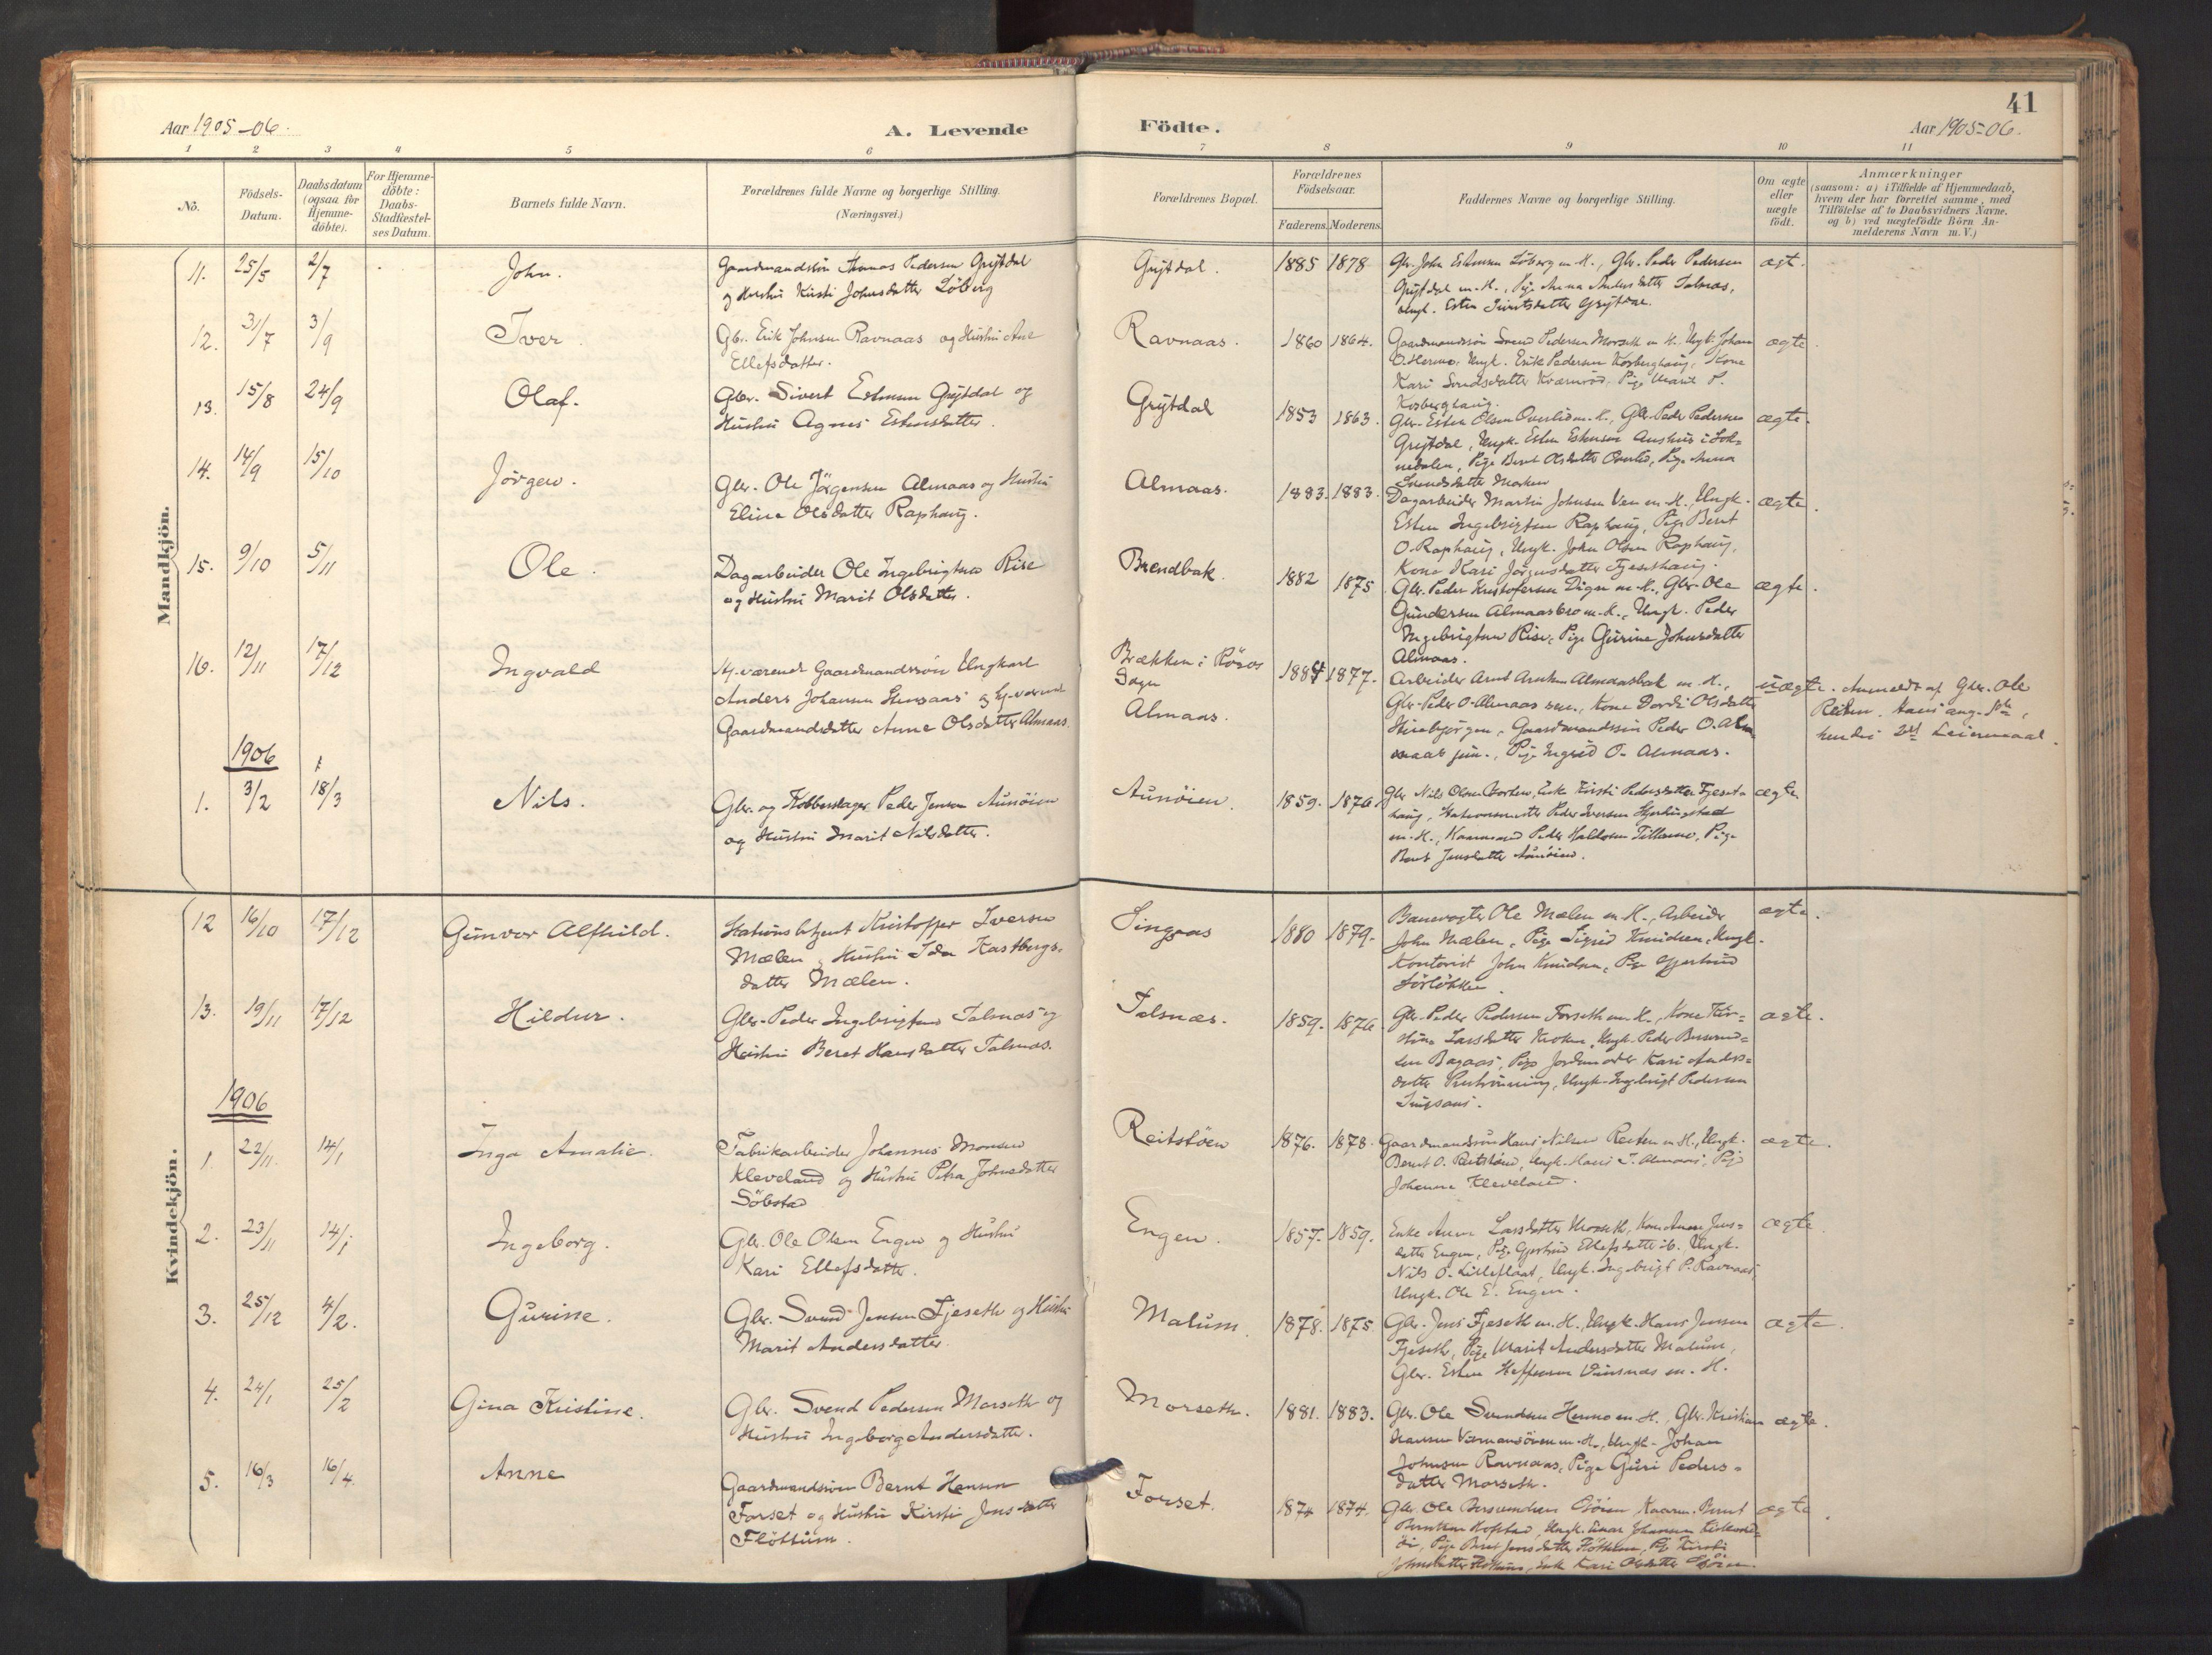 SAT, Ministerialprotokoller, klokkerbøker og fødselsregistre - Sør-Trøndelag, 688/L1025: Ministerialbok nr. 688A02, 1891-1909, s. 41